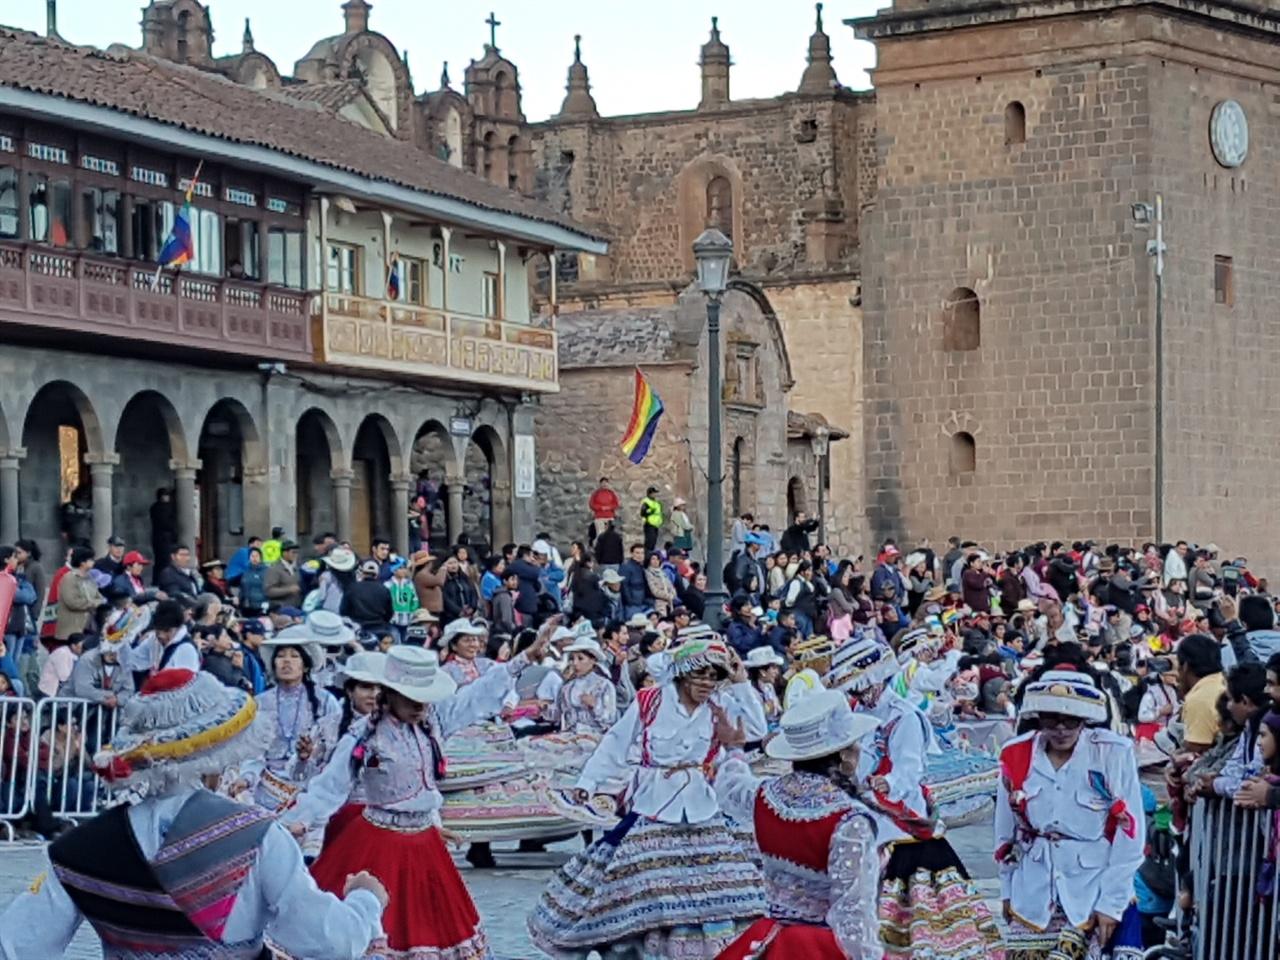 남미 원주민들 참여 거리 퍼레이드에는 남미 원주민들도 많이 참여한다. 아이마라족도 있고 케추아족도 있다.